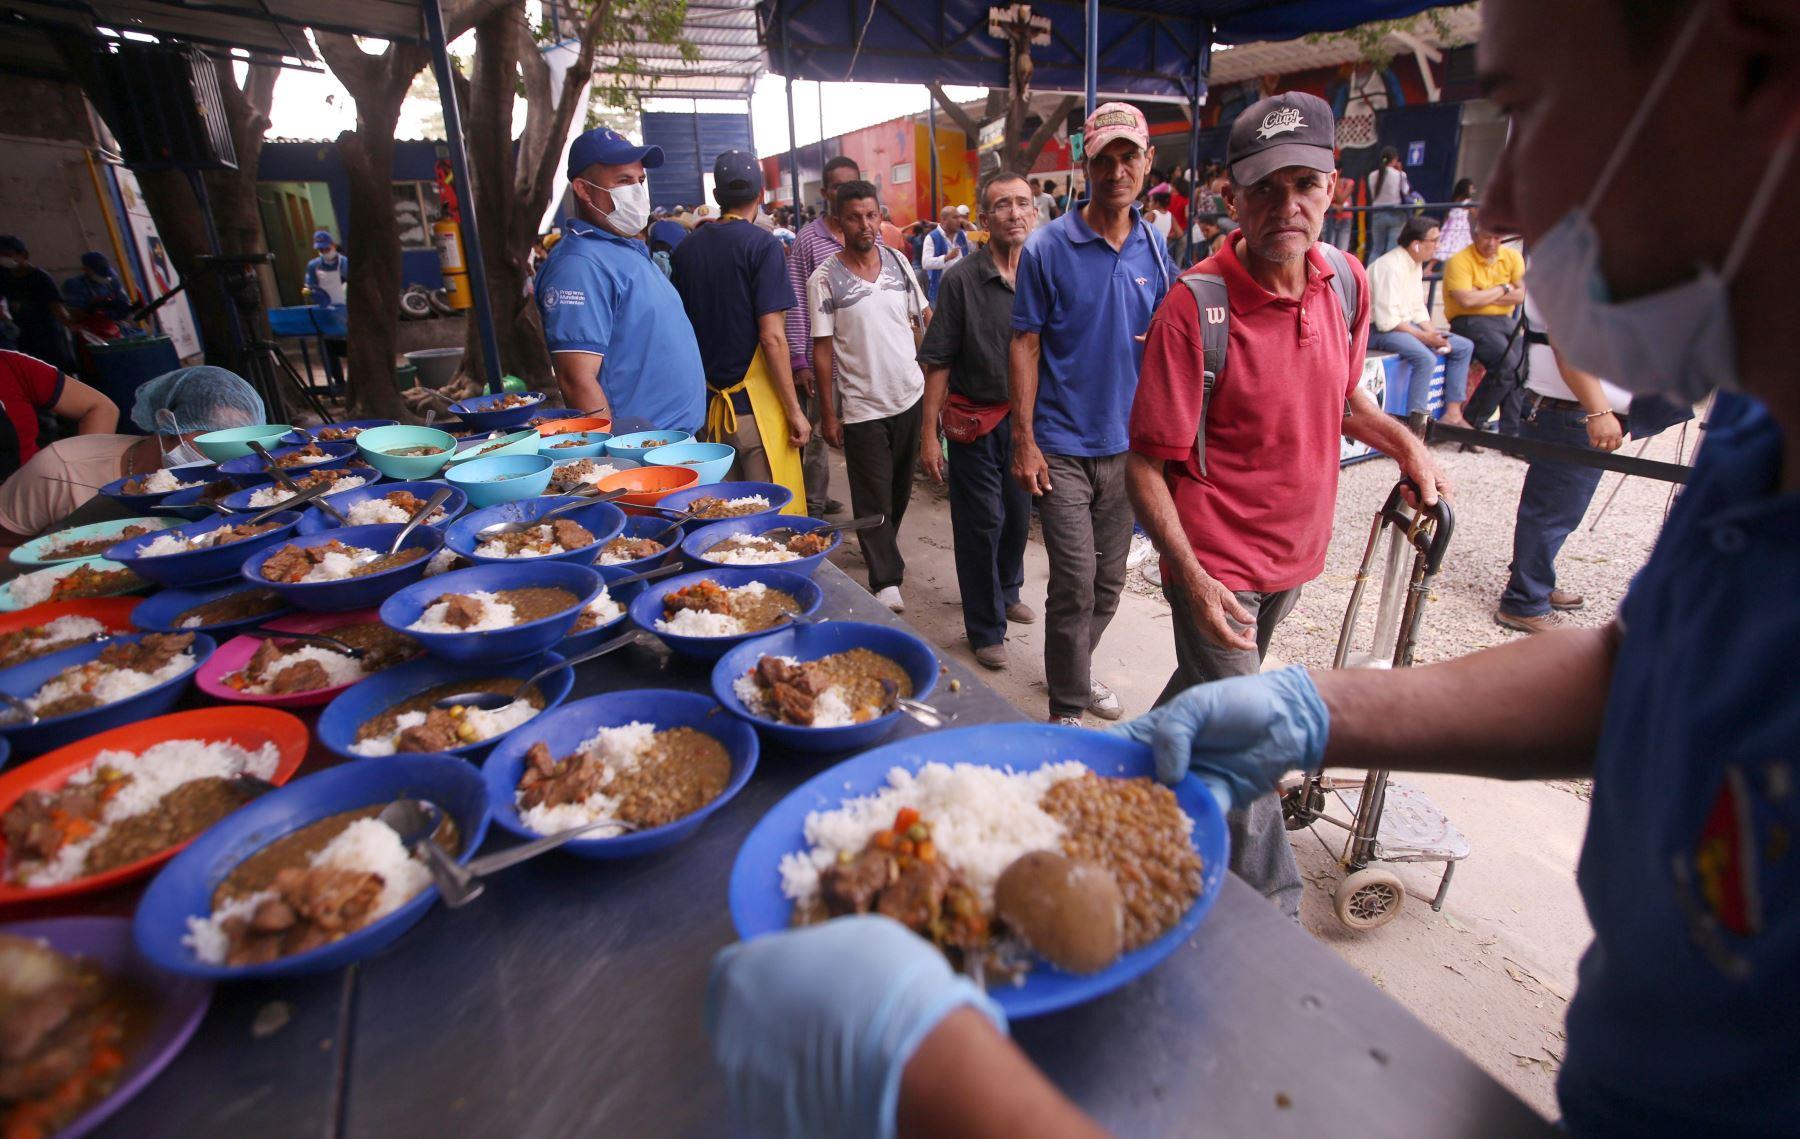 Mientras Nicolas Maduro dice que no recibirán la ayuda humanitaria que llega a Colombia por parte de la comunidad internacional, miles de venezolanos cruzan la frontera para recibir una ración de comida en Cúcuta Colombia . EFE